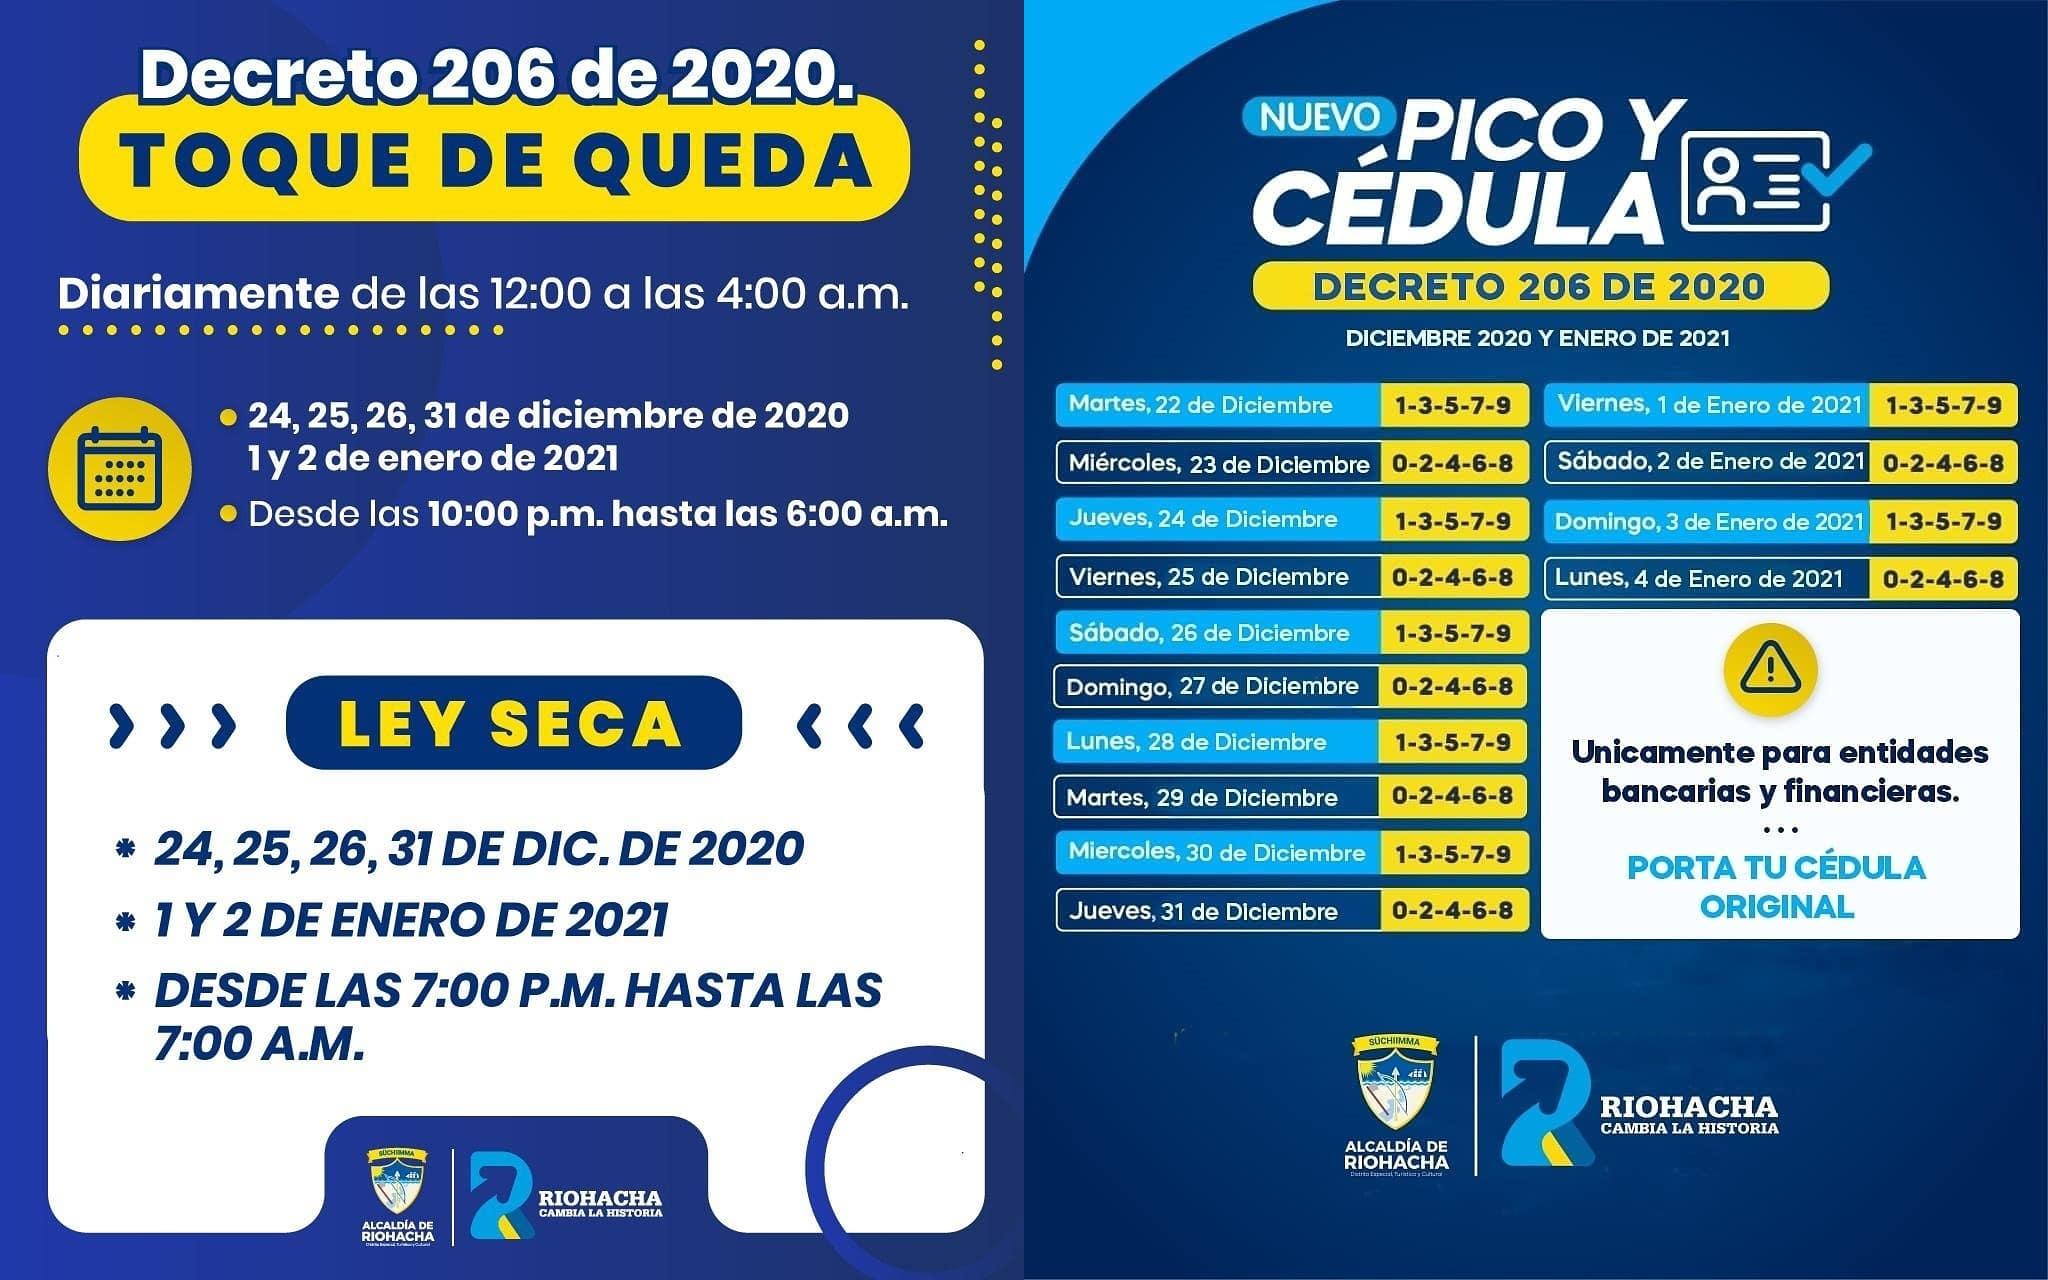 hoyennoticia.com, En Riohacha: Pico y Cédula, Toque de queda, Ley seca  en navidad y año nuevo